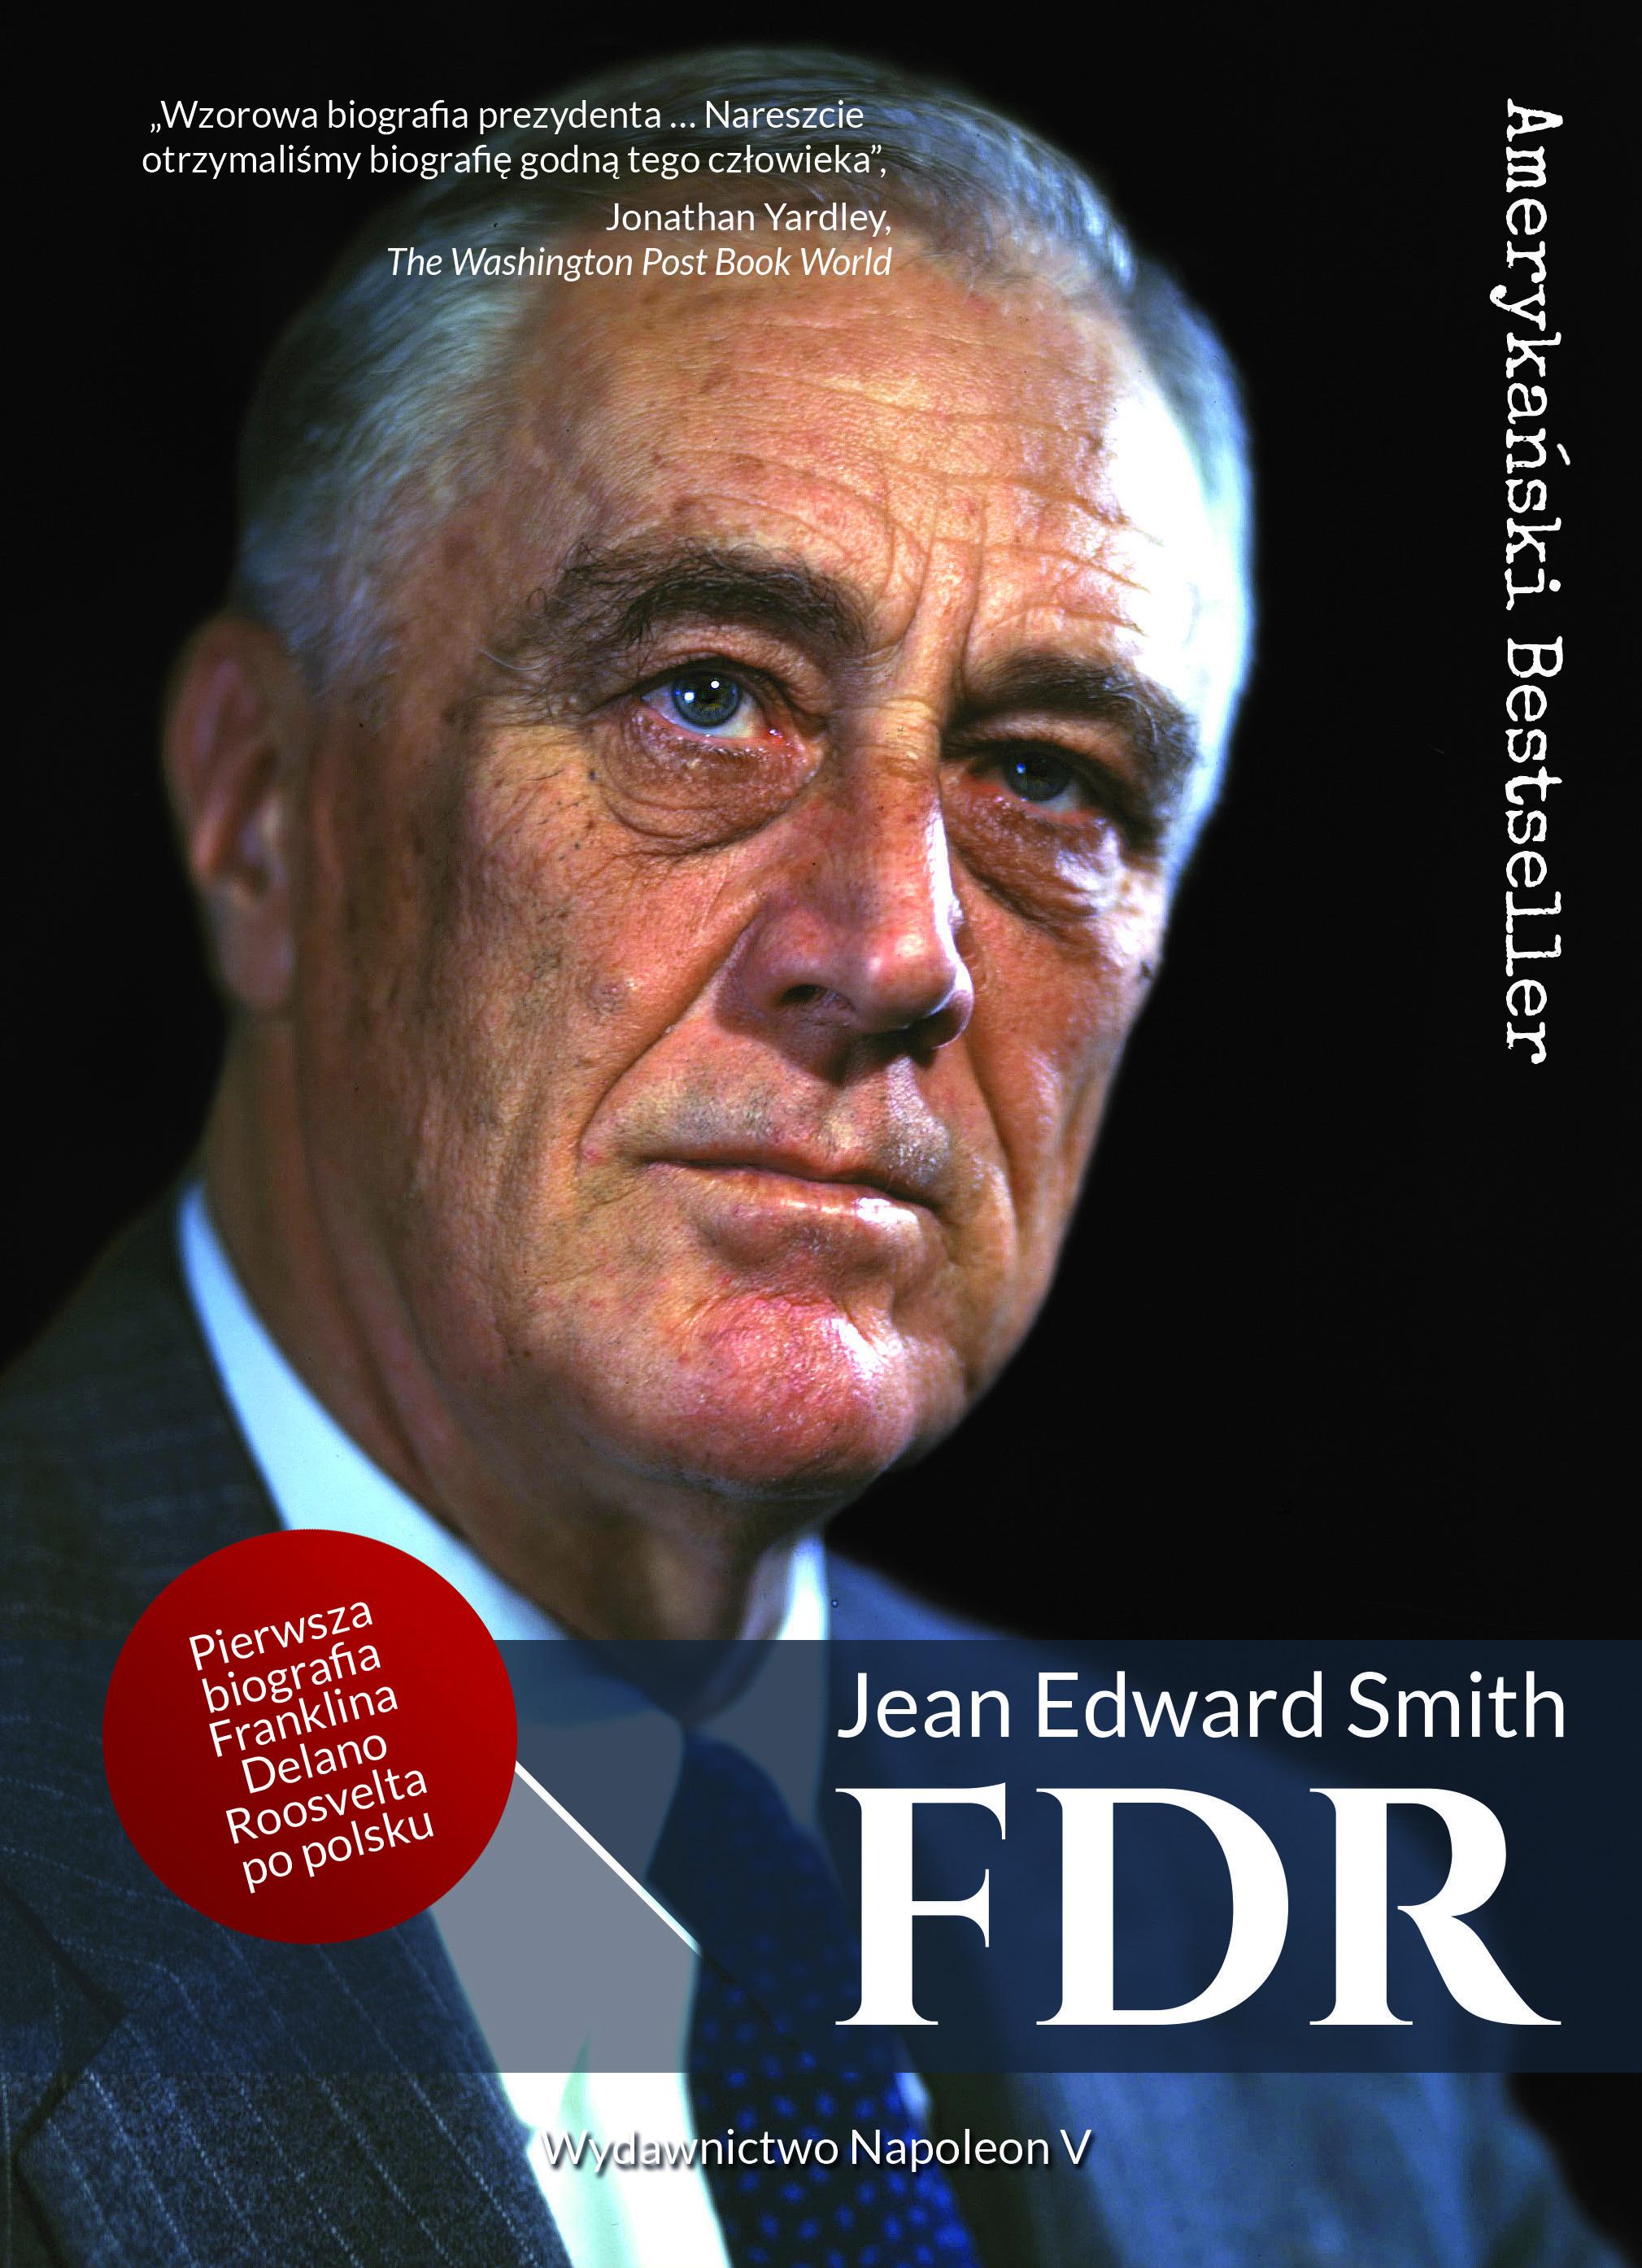 """Artykuł powstał między innymi w oparciu o biografię Roosevelta autorstwa Jeana Edwarda Smitha pt. <a href=""""http://napoleonv.pl/p/7/977/fdr-franklin-delano-roosevelt--biografie.html"""" target=""""_blank"""" rel=""""noopener"""">""""FDR. Franklin Delano Roosevelt""""</a>, wydaną niedawno nakładem wydawnictwa Napoleon V."""